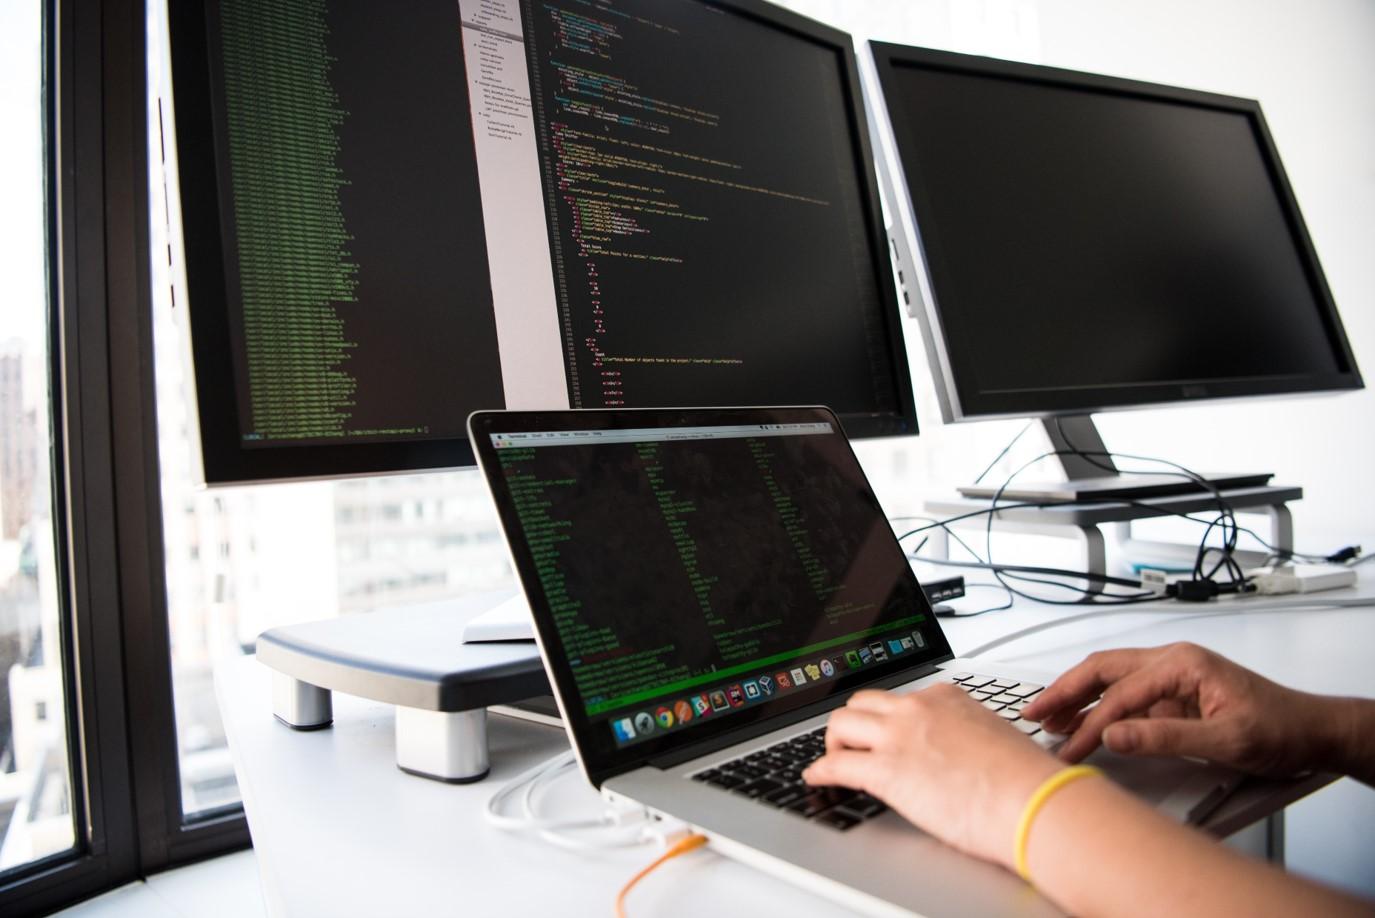 un développeuer informatique est en train de coder